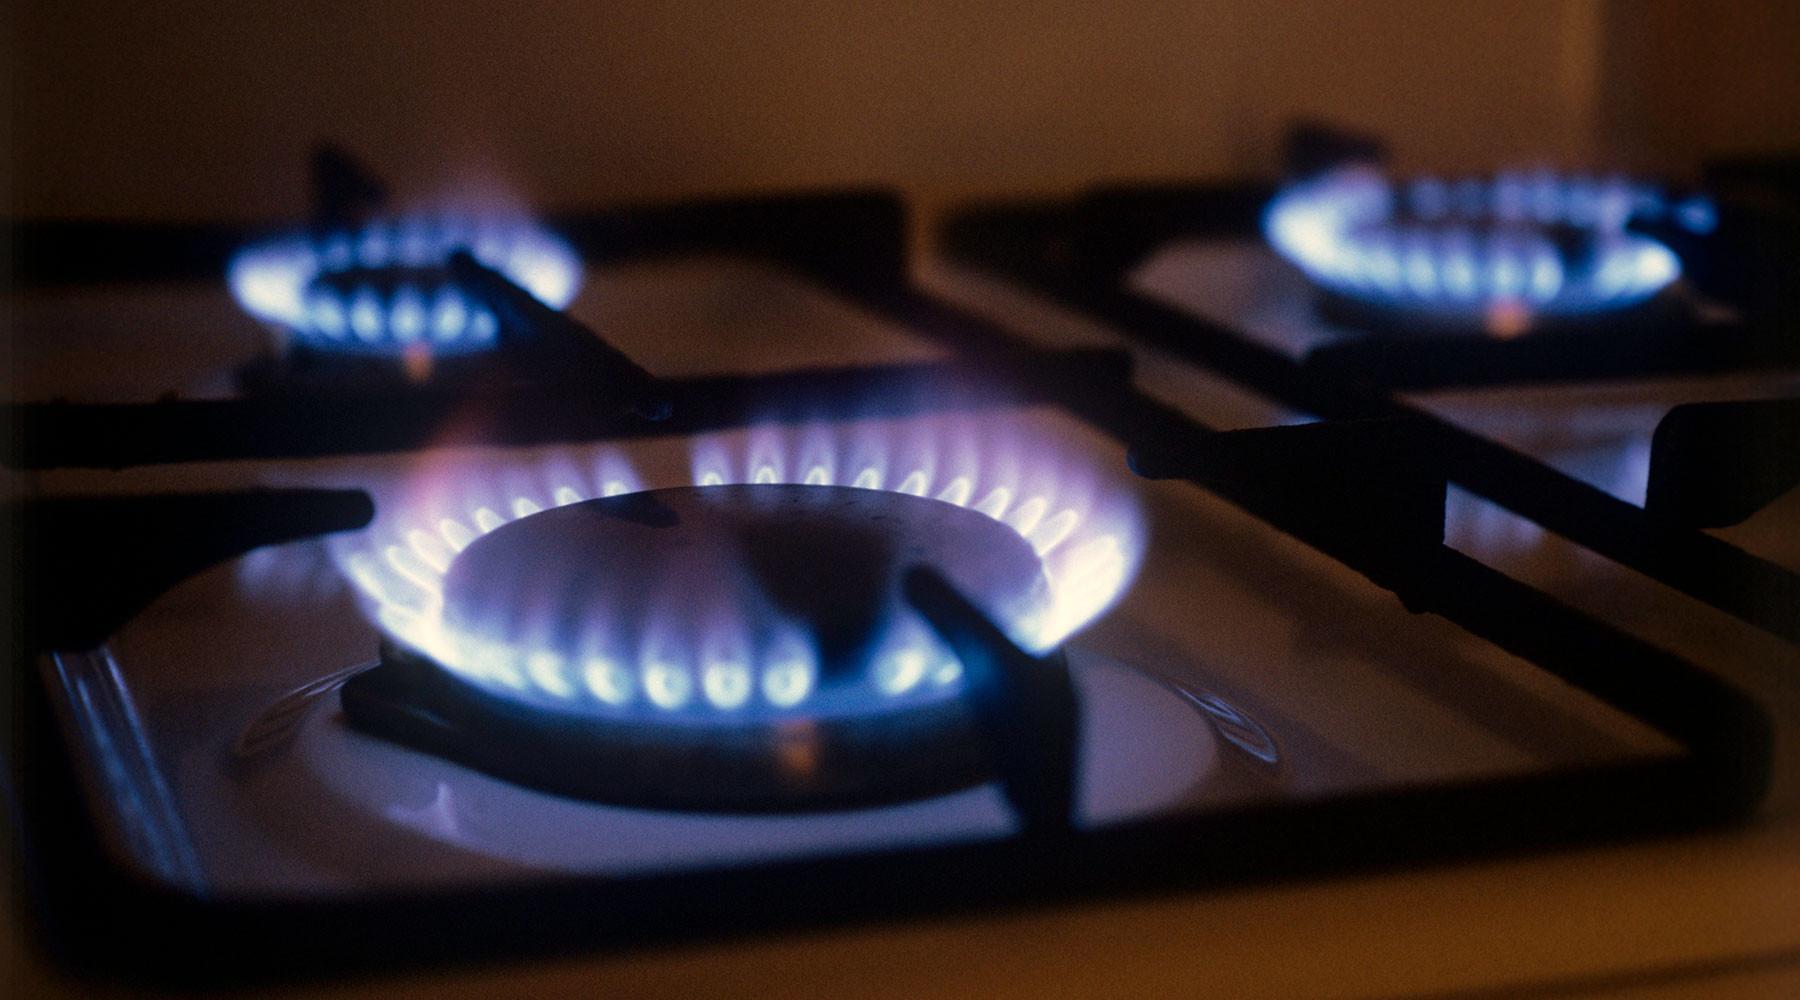 Жалоба в телевидение на отключение газа поселке